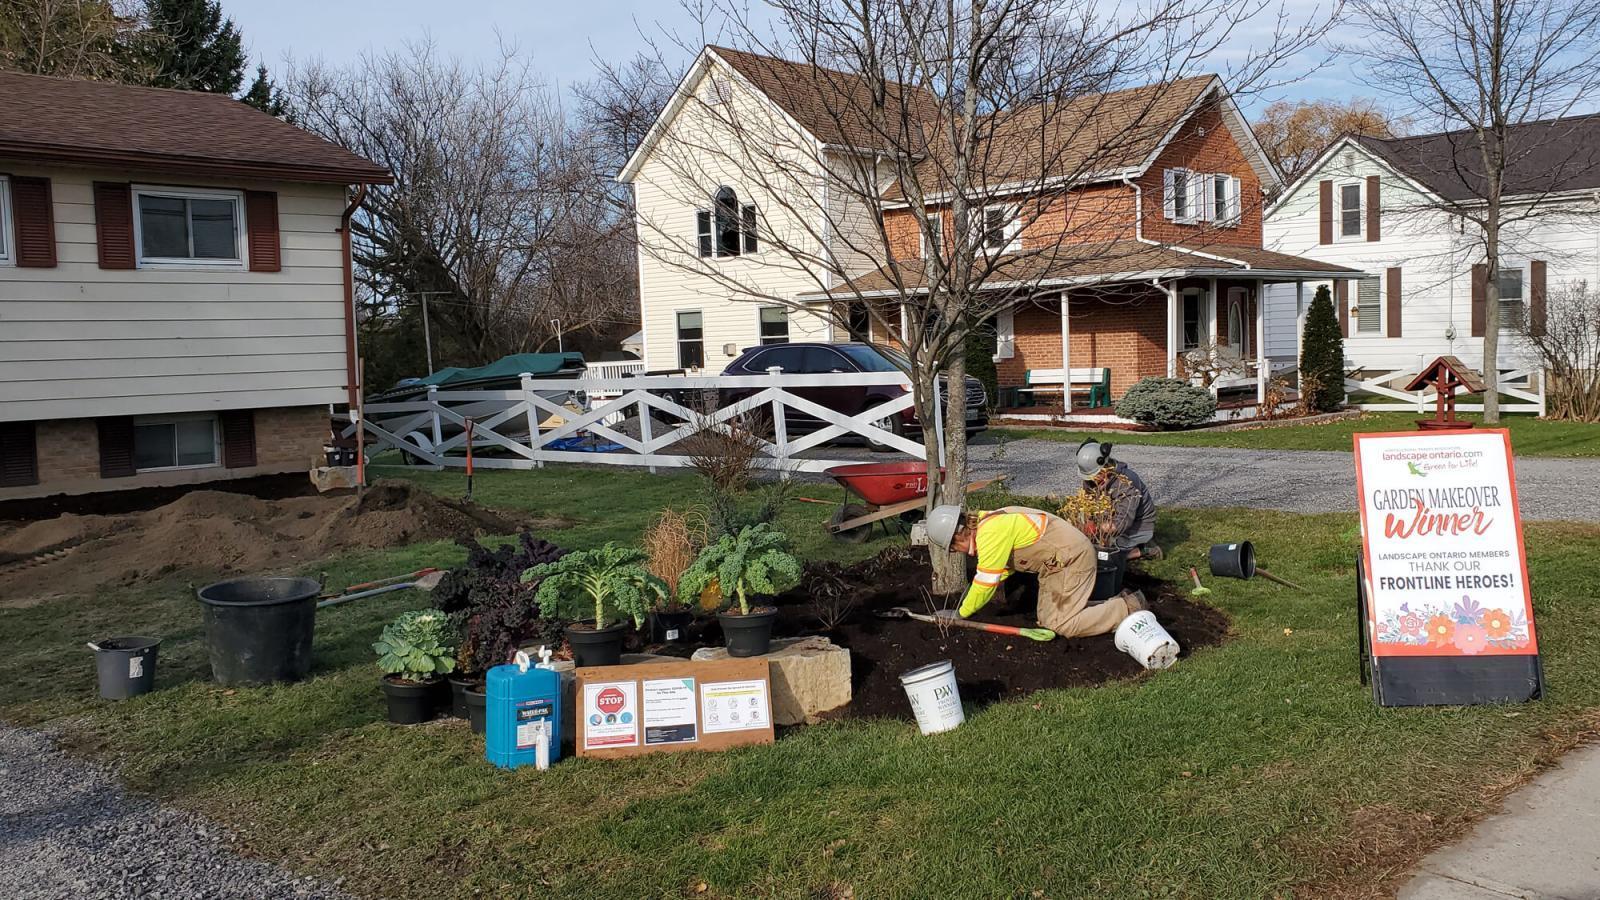 Upper Canada Chapter frontline worker garden makeover